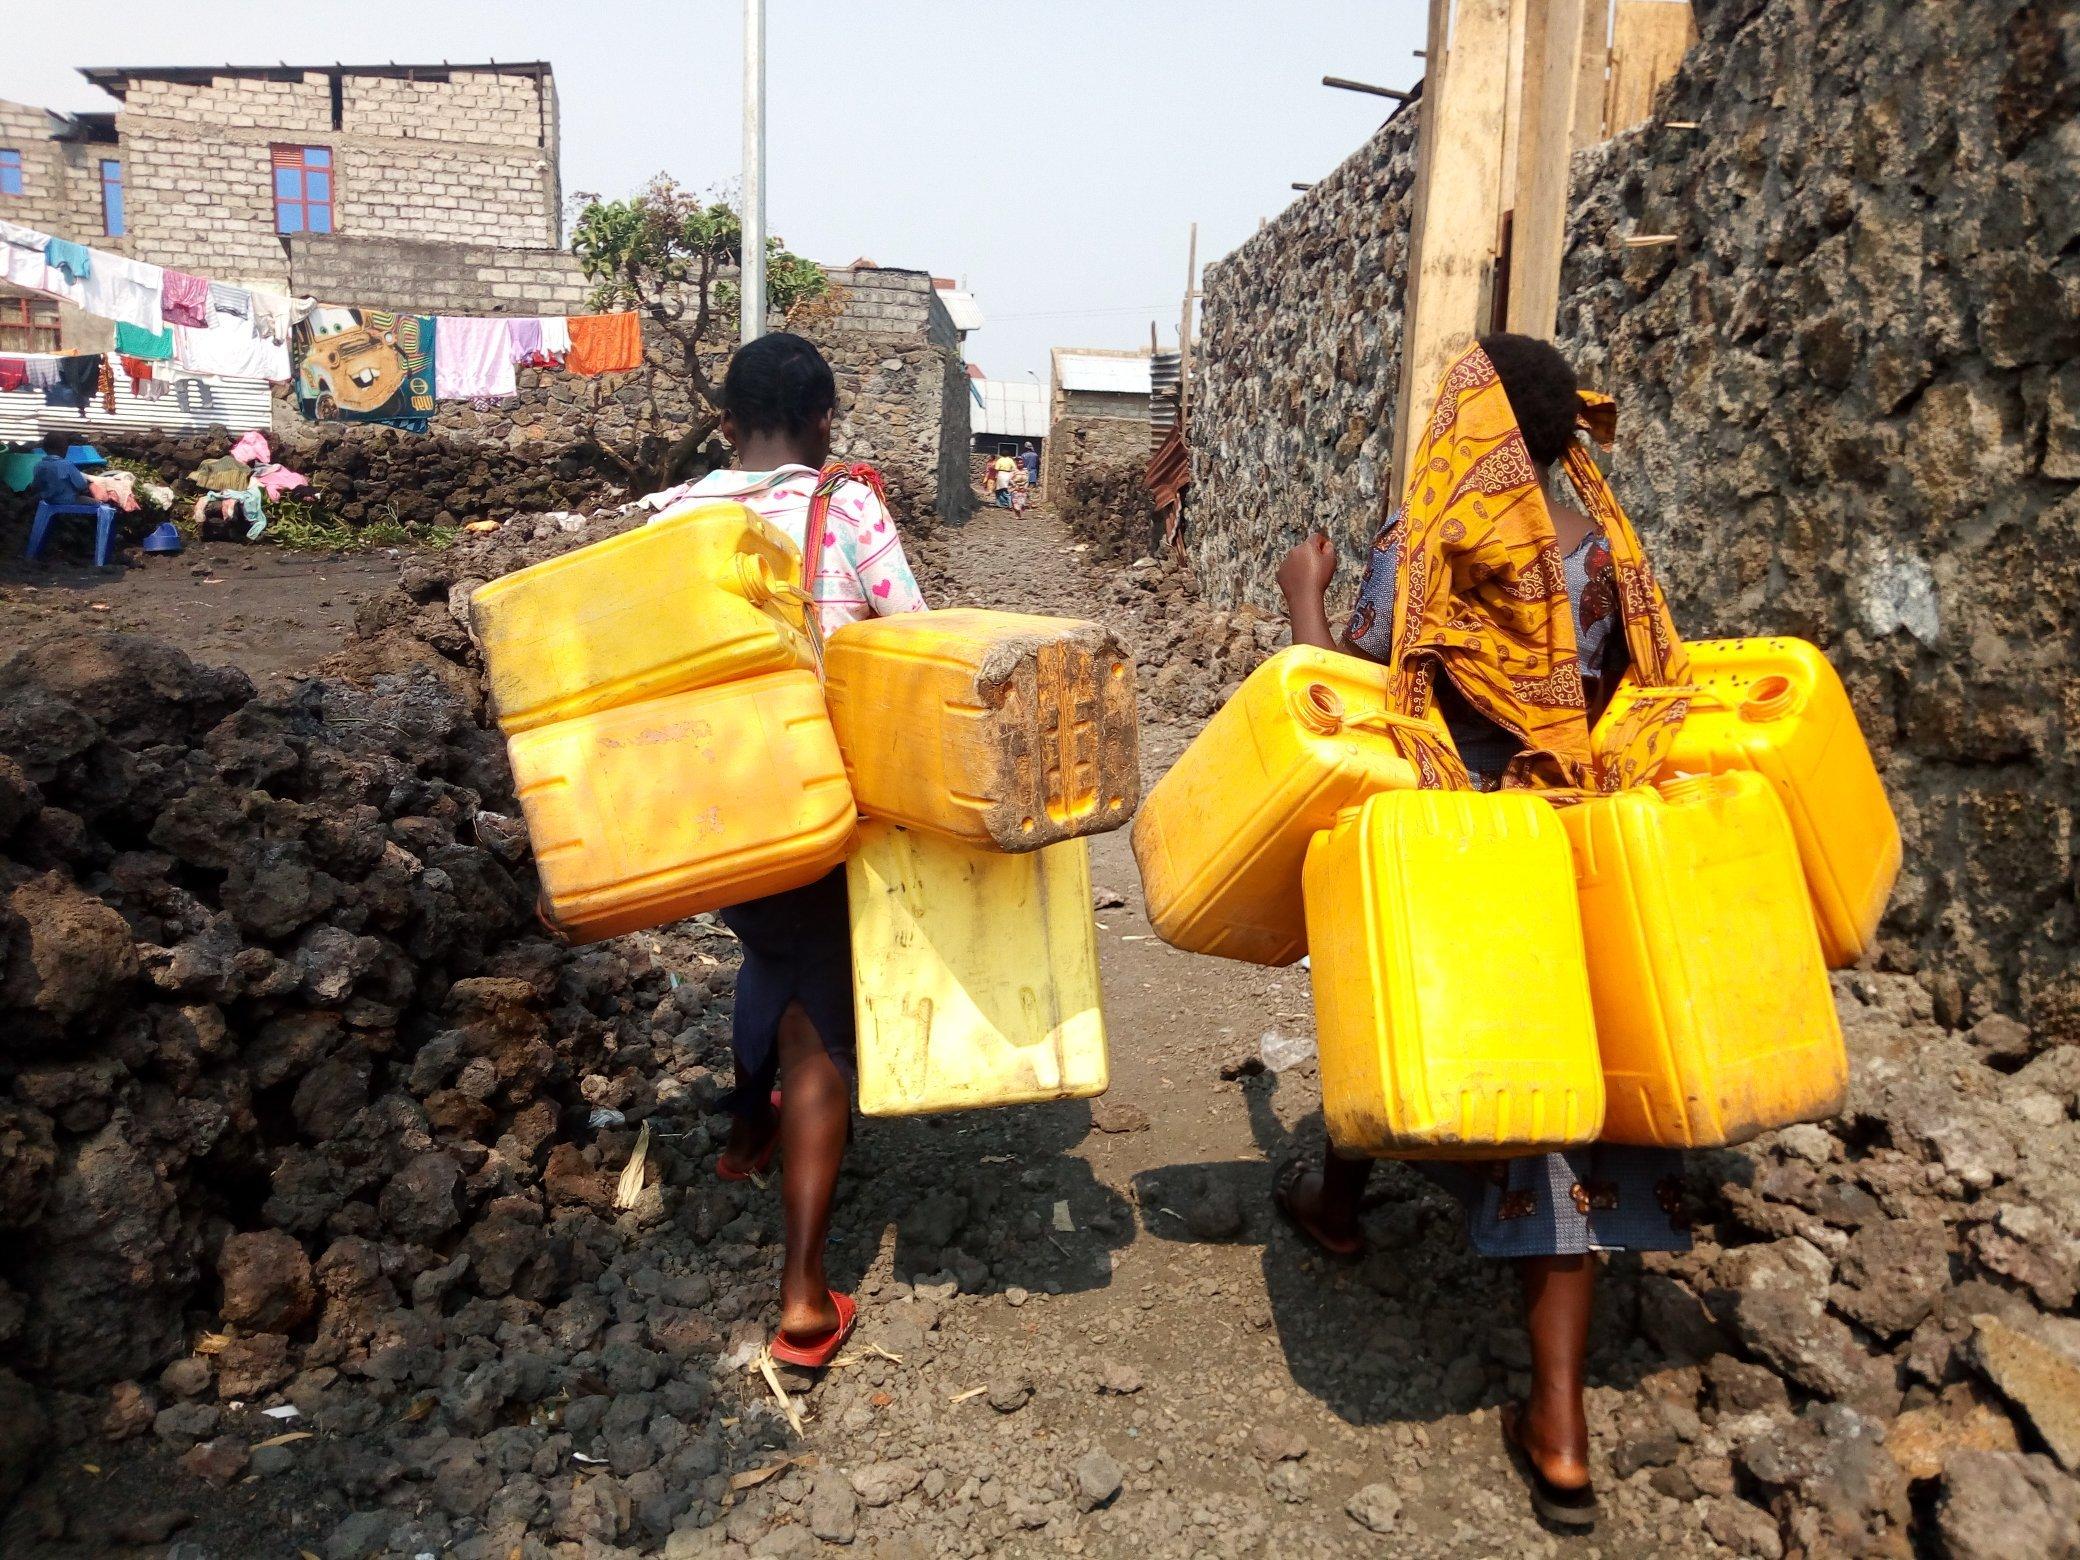 L'EAU TARI: Le commerce informel de la vente d'eau du Rwanda à Goma impactée par la covid19